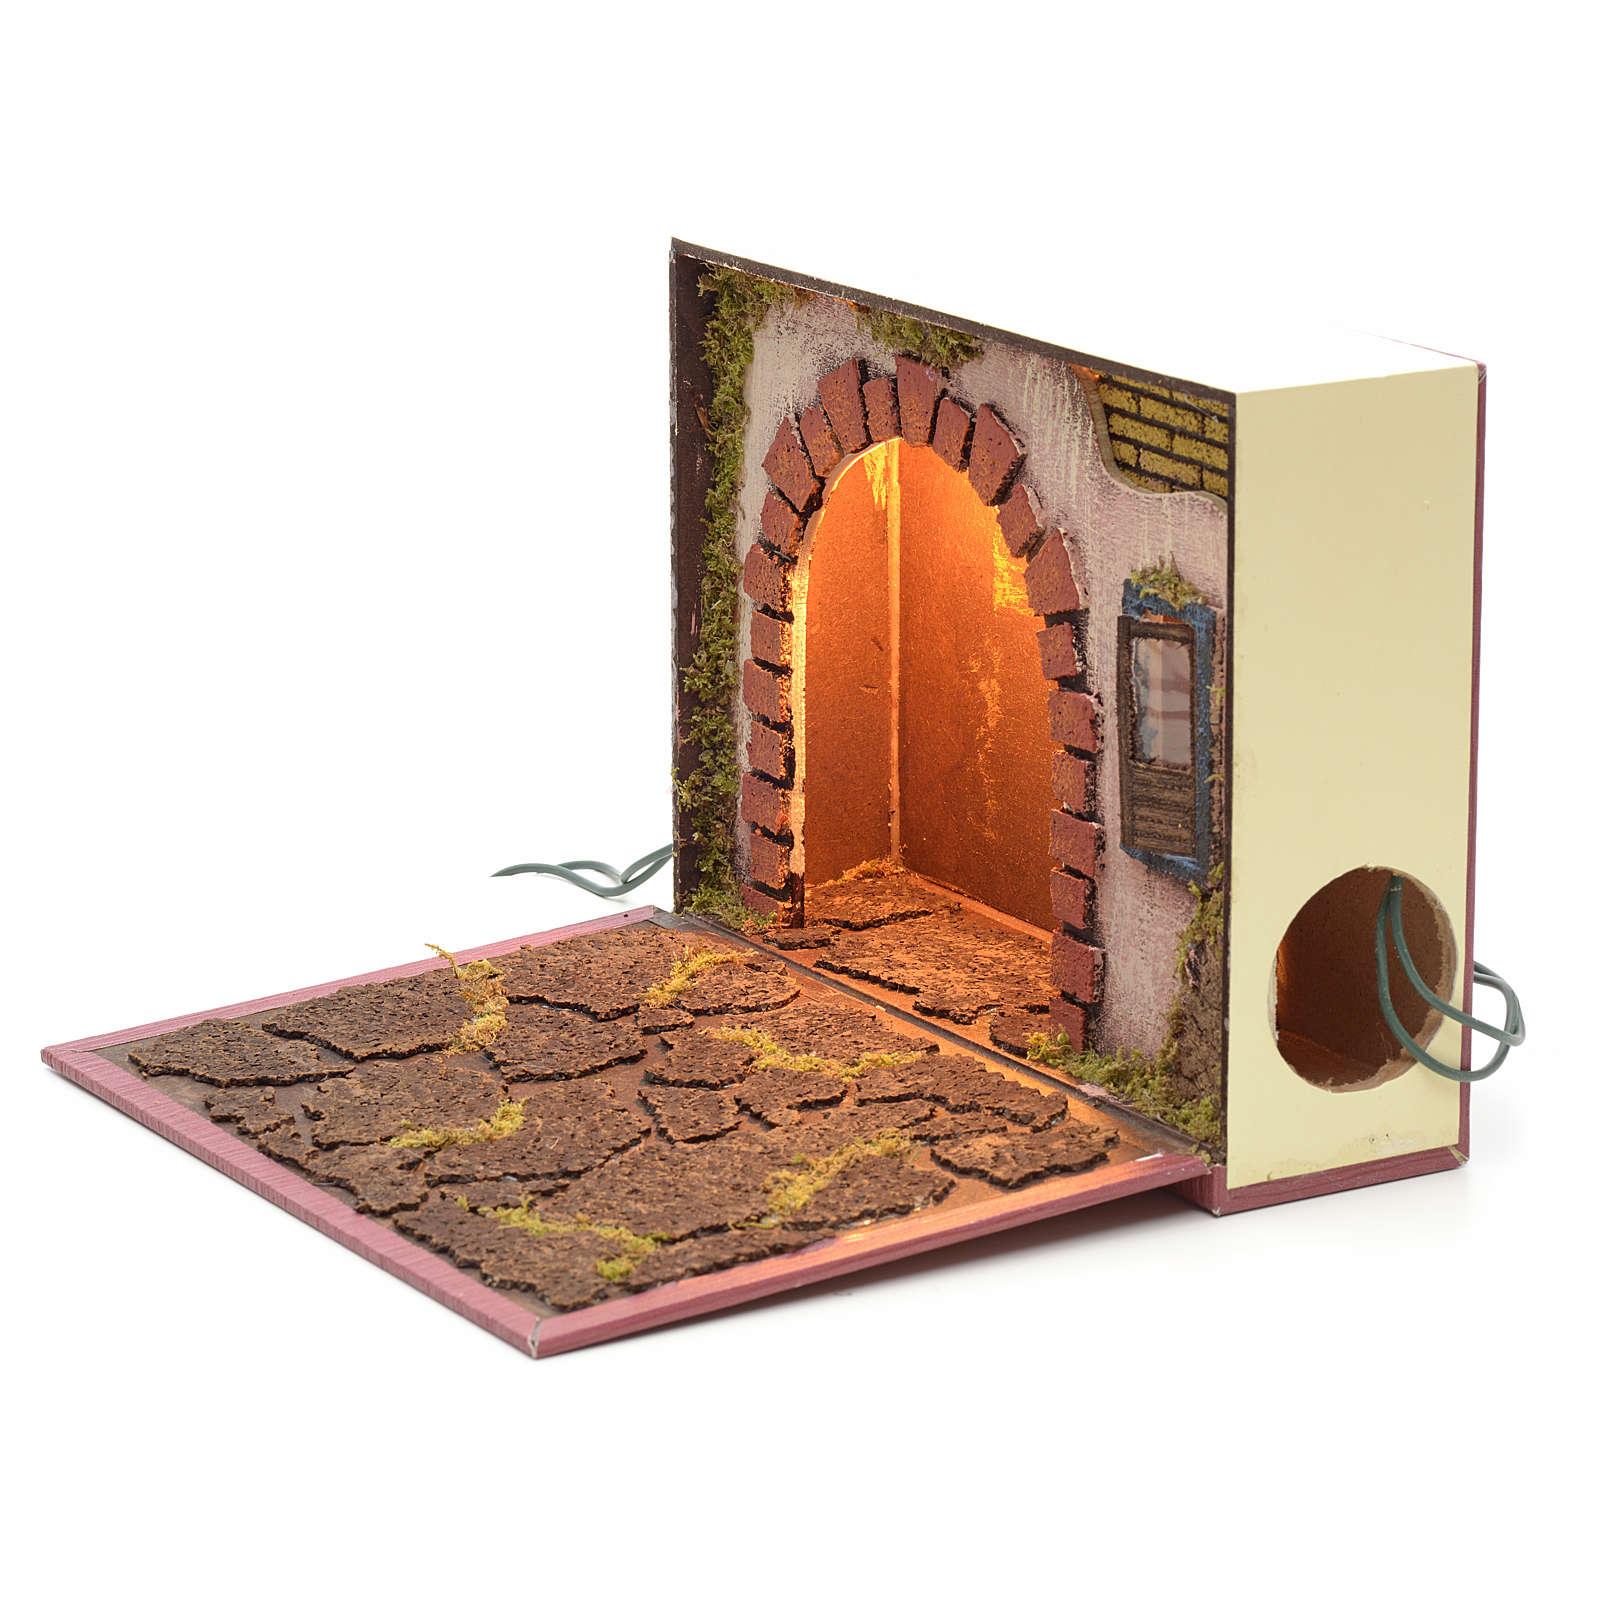 Arco iluminado para pesebre forma libro 19x24x8cm 4